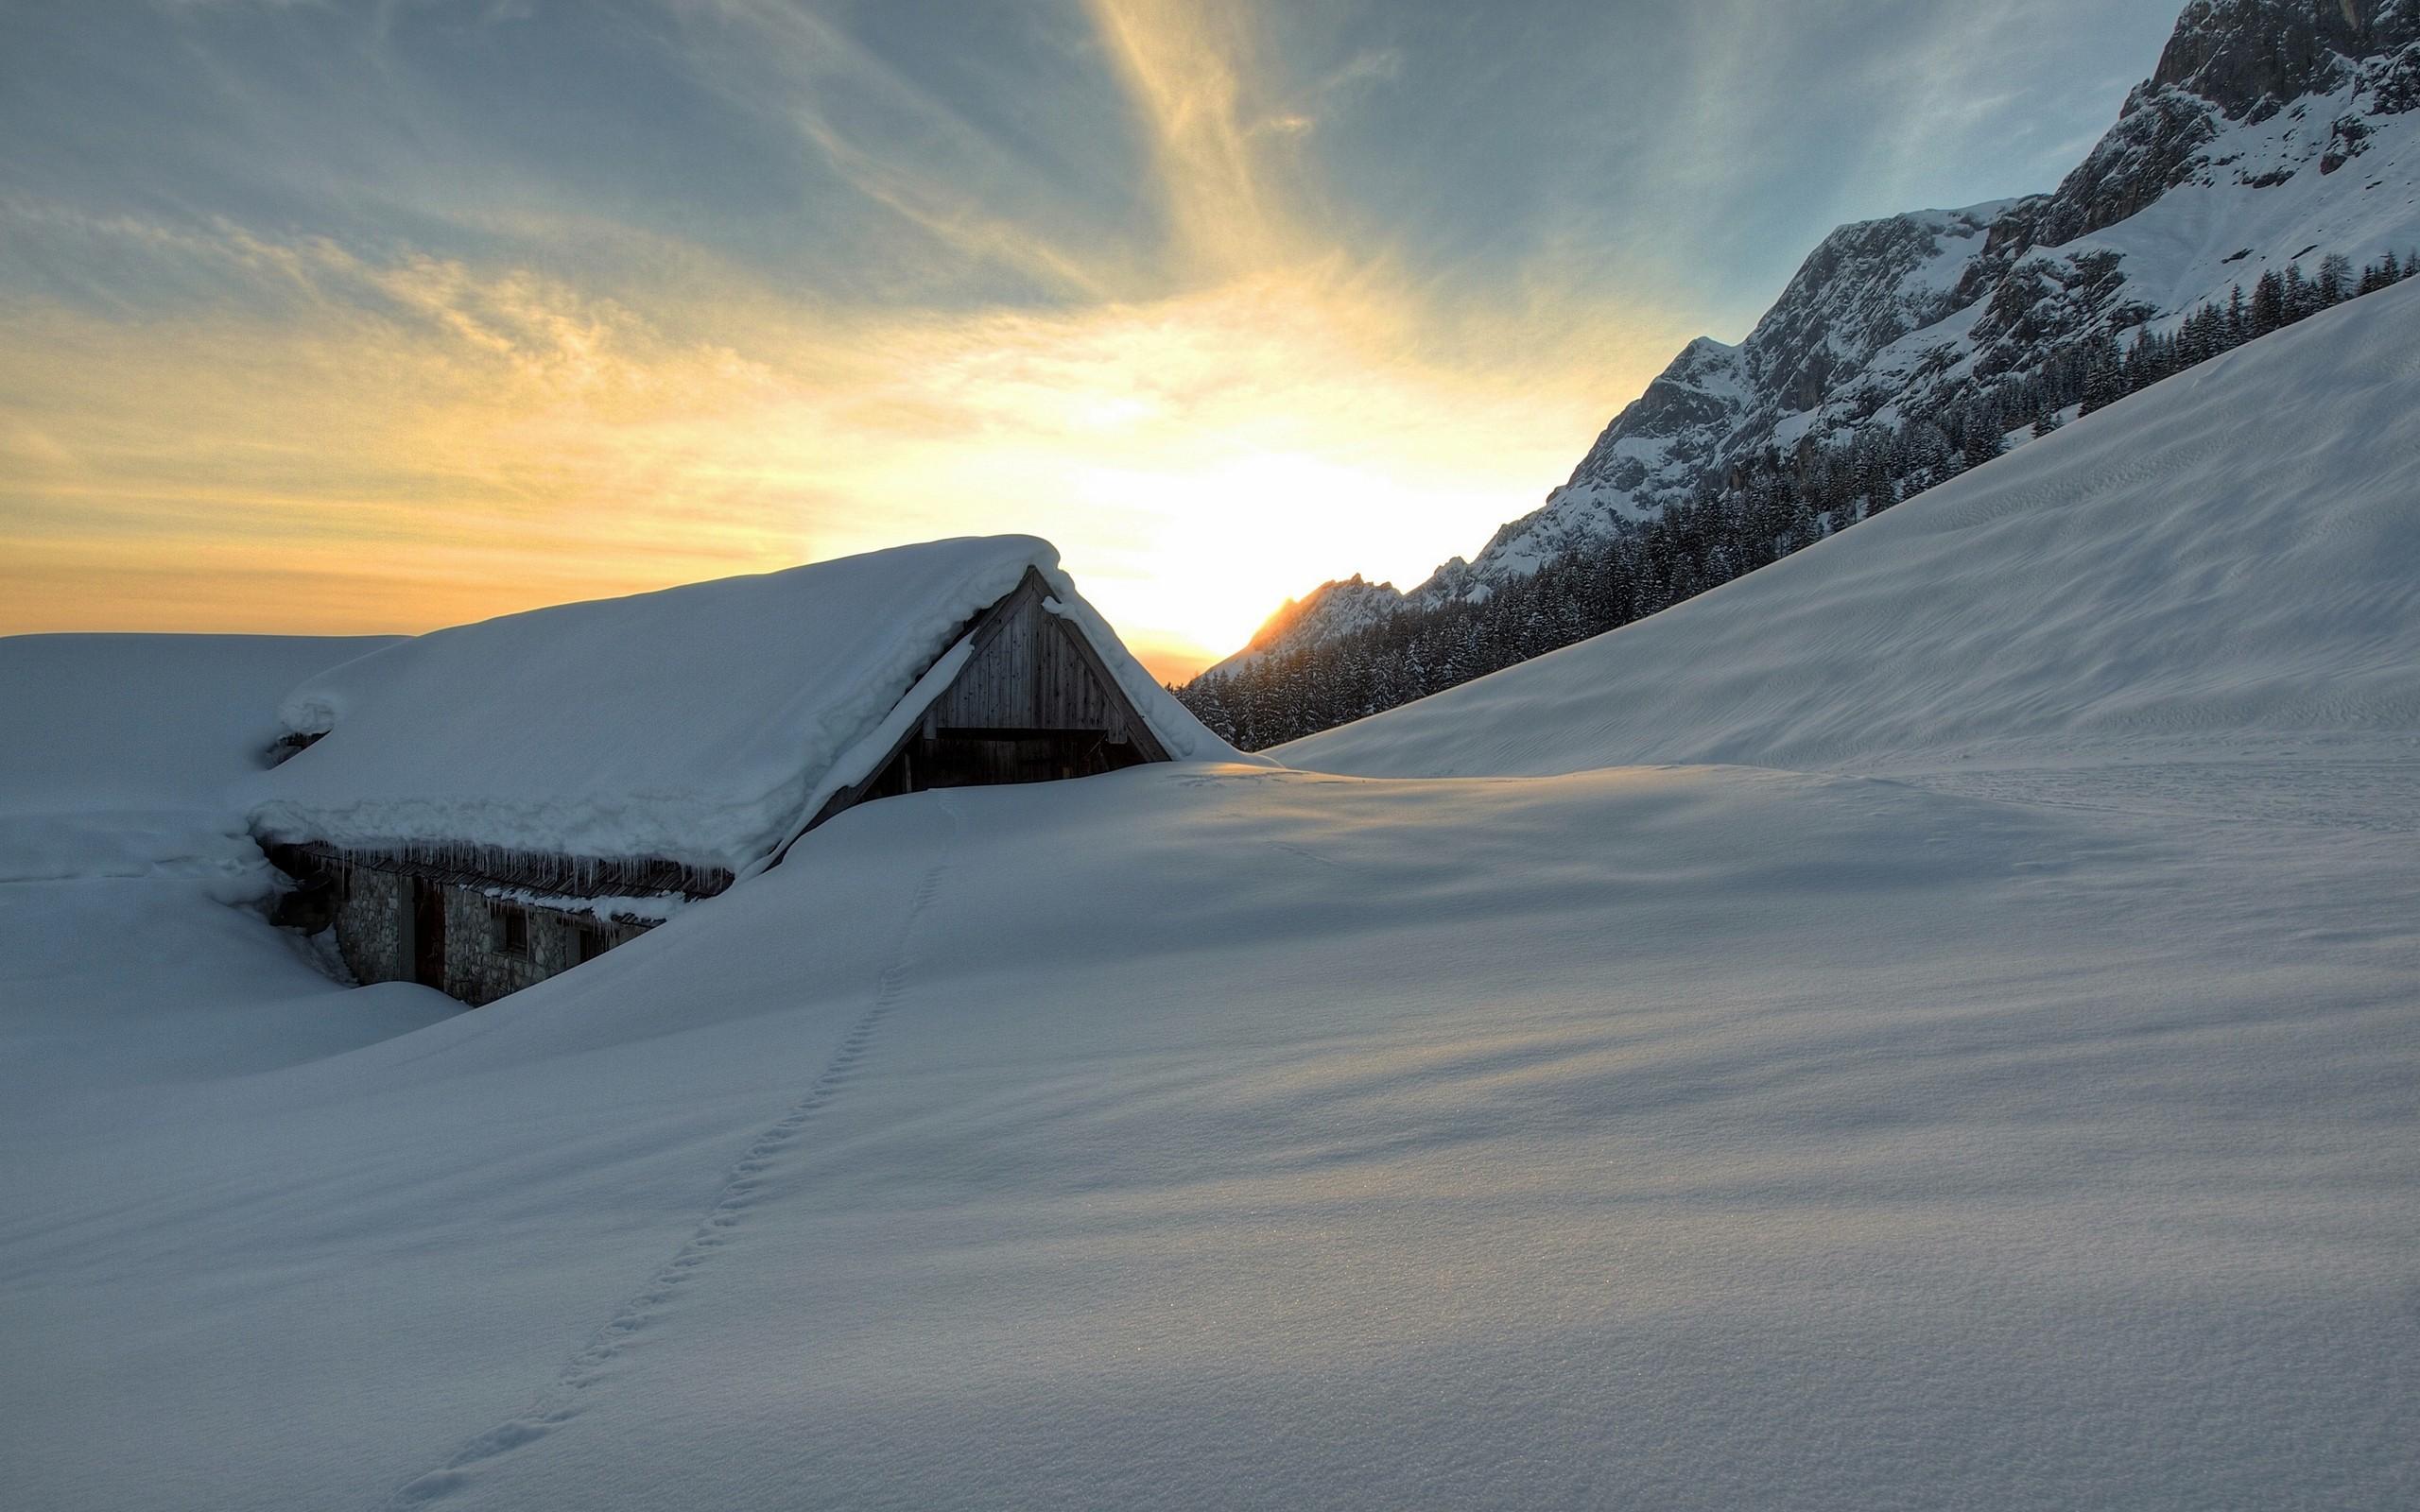 здесь прогресс картинки крыши в снегу люблю тебя